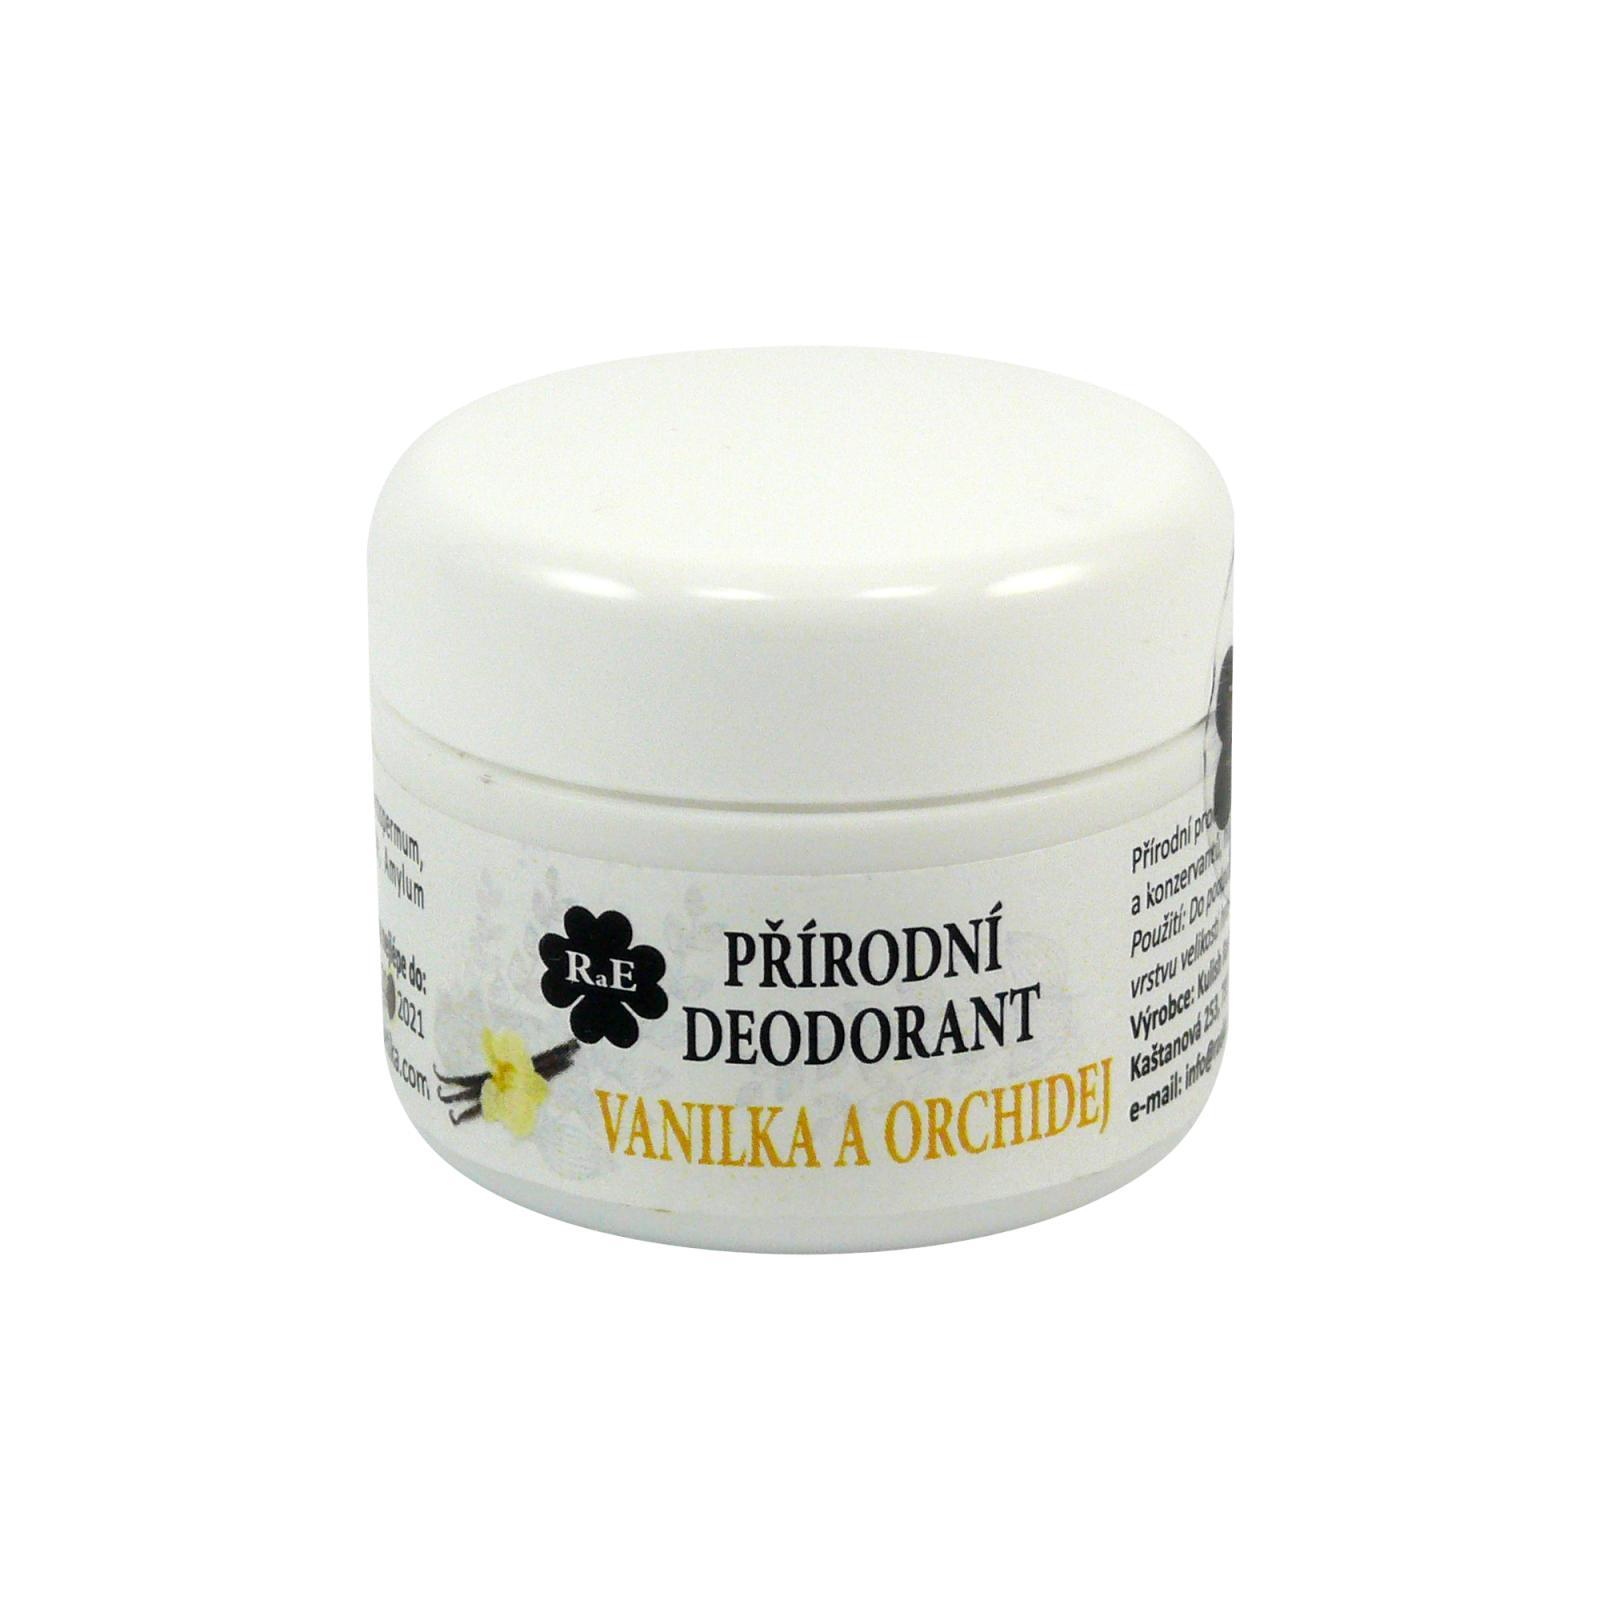 RaE Přírodní krémový deodorant s vůní vanilky a orchideje 15 ml náplň